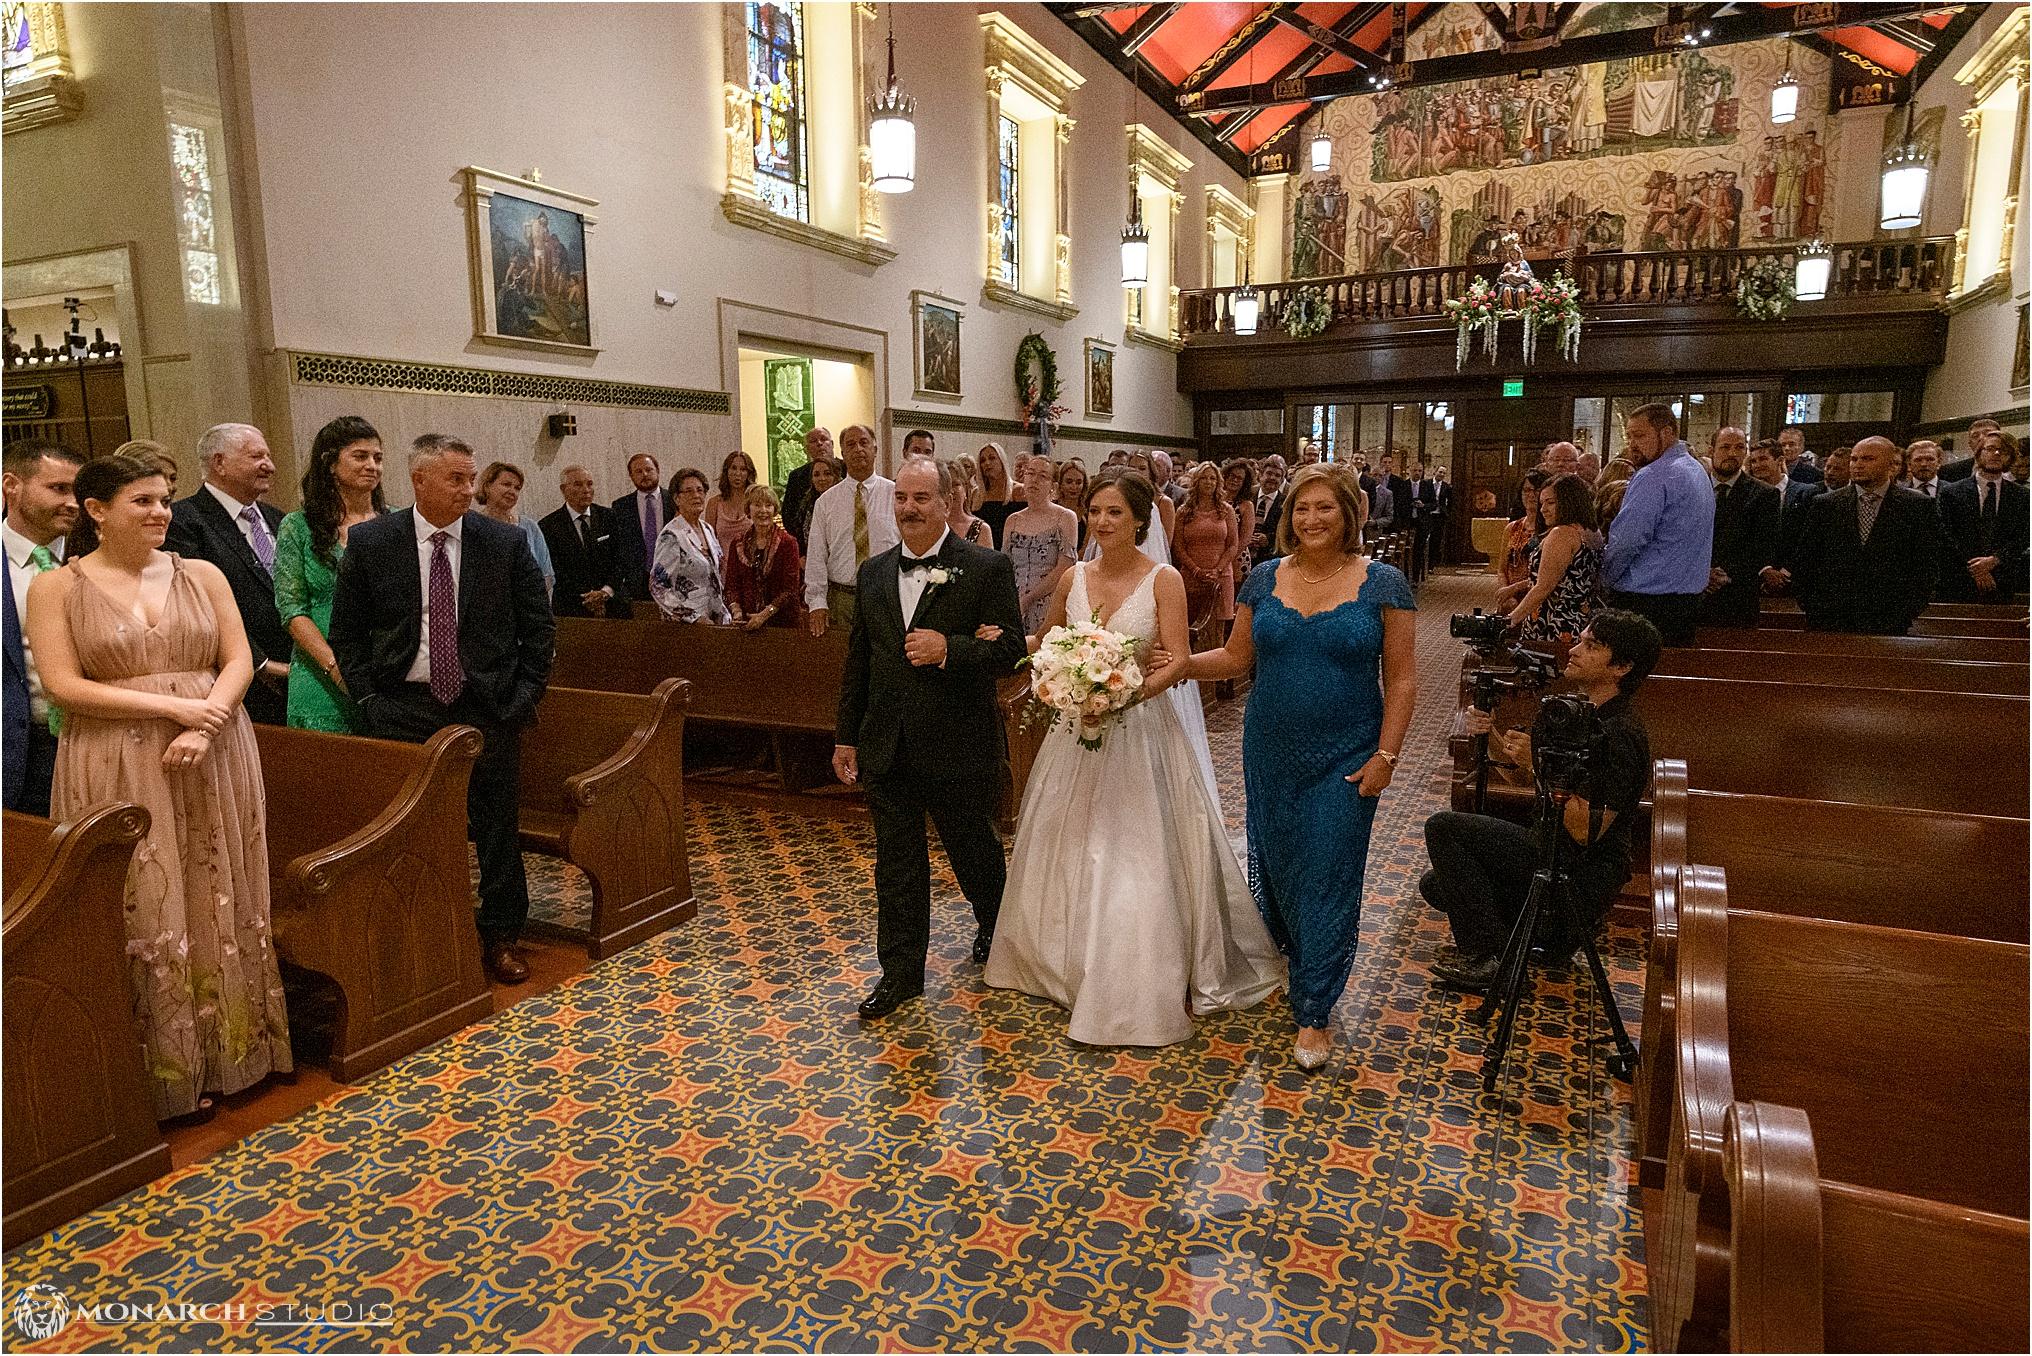 Wedding-PHotographer-in-st-augustine-2019-022.jpg